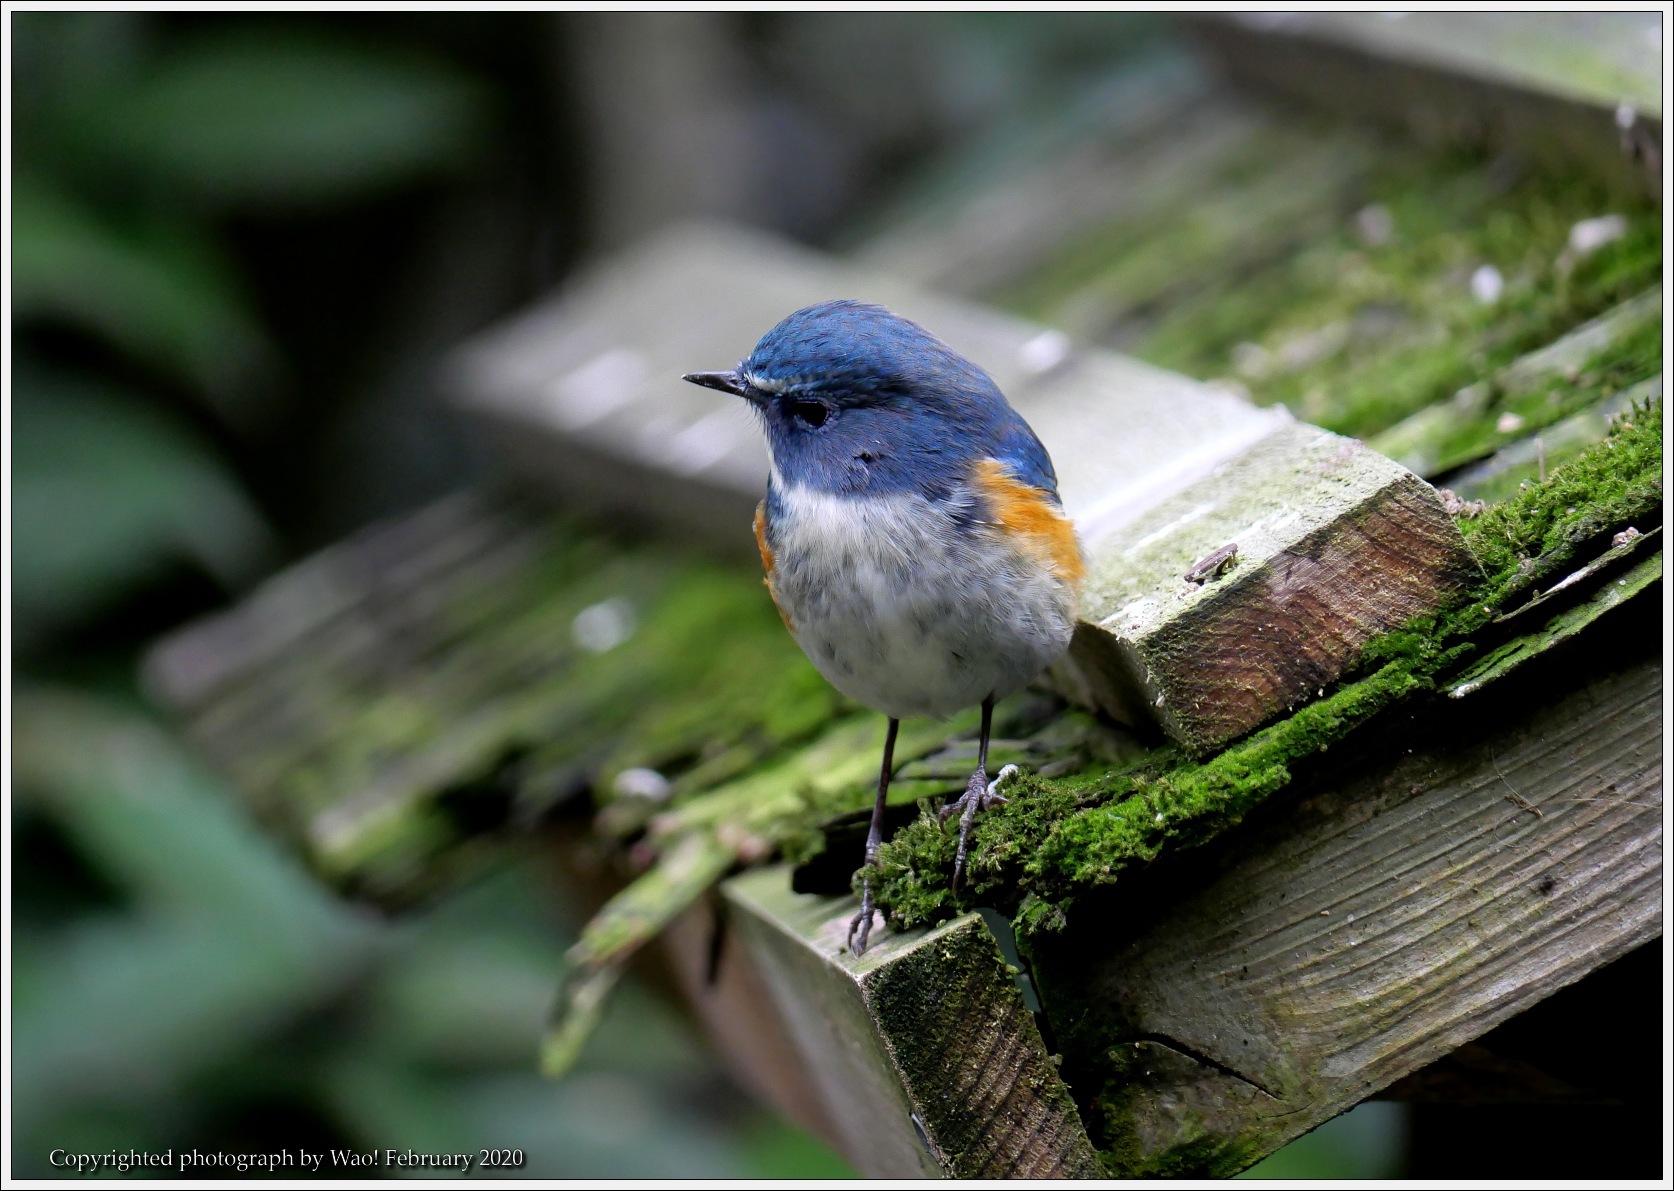 野鳥園のルリ・コマ・キビタキ_c0198669_14160173.jpg